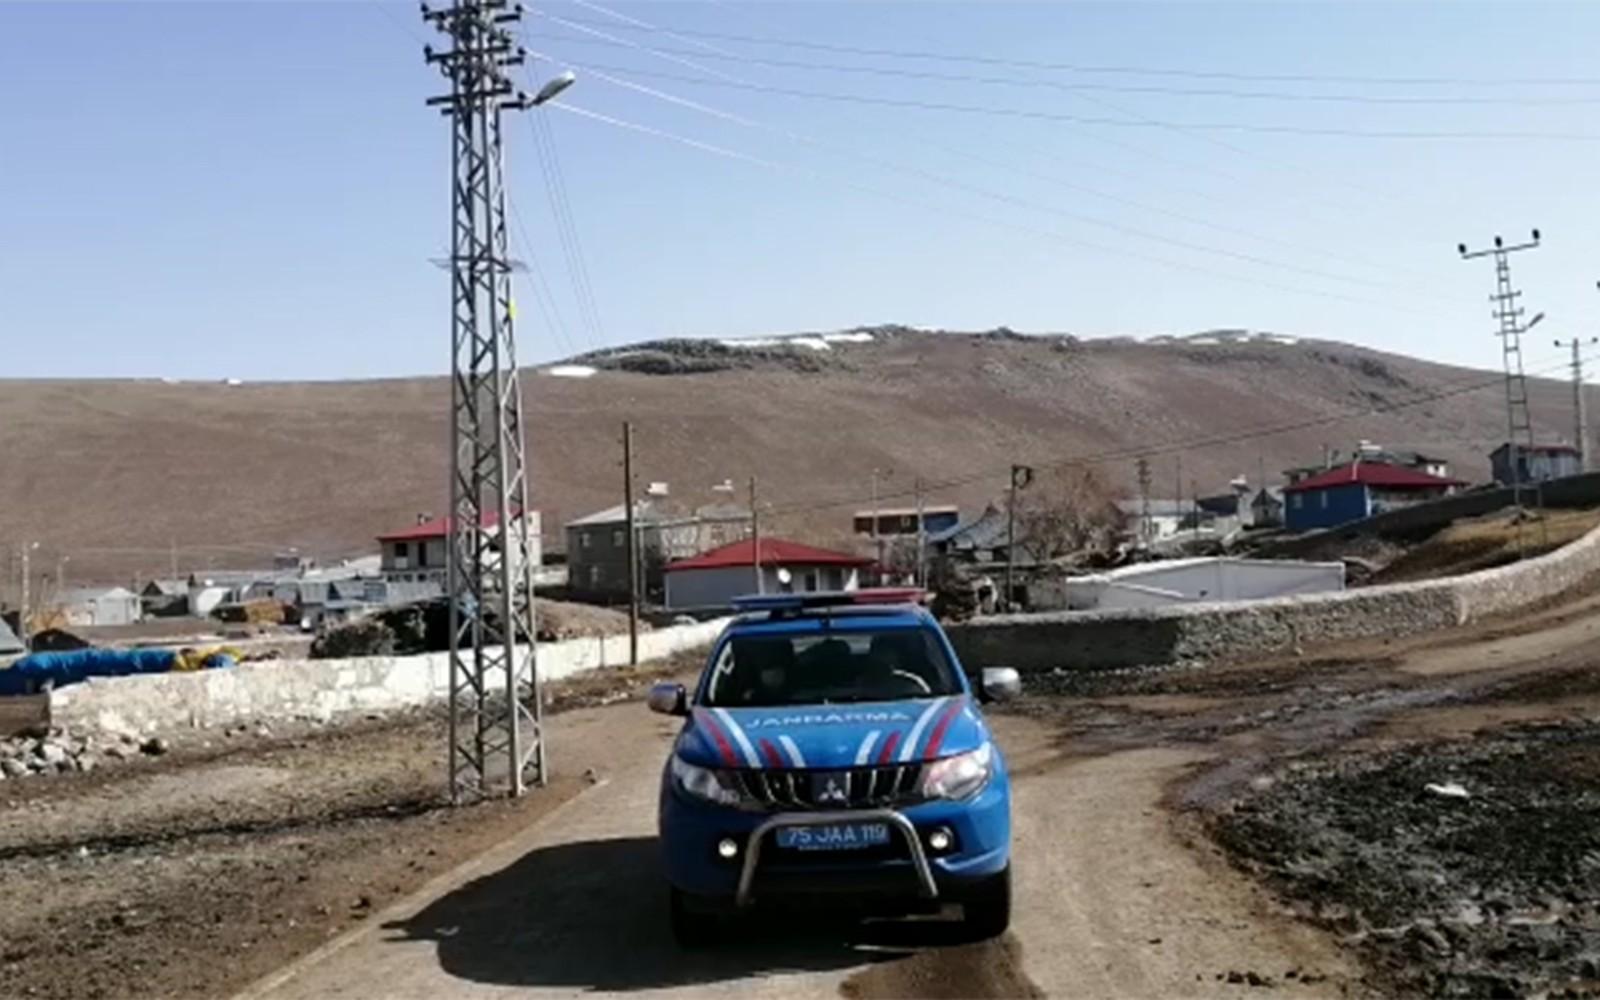 Ardahan'da jandarma anonslarla 'evde kalın' çağrısı yapıyor - Ardahan  Haberleri